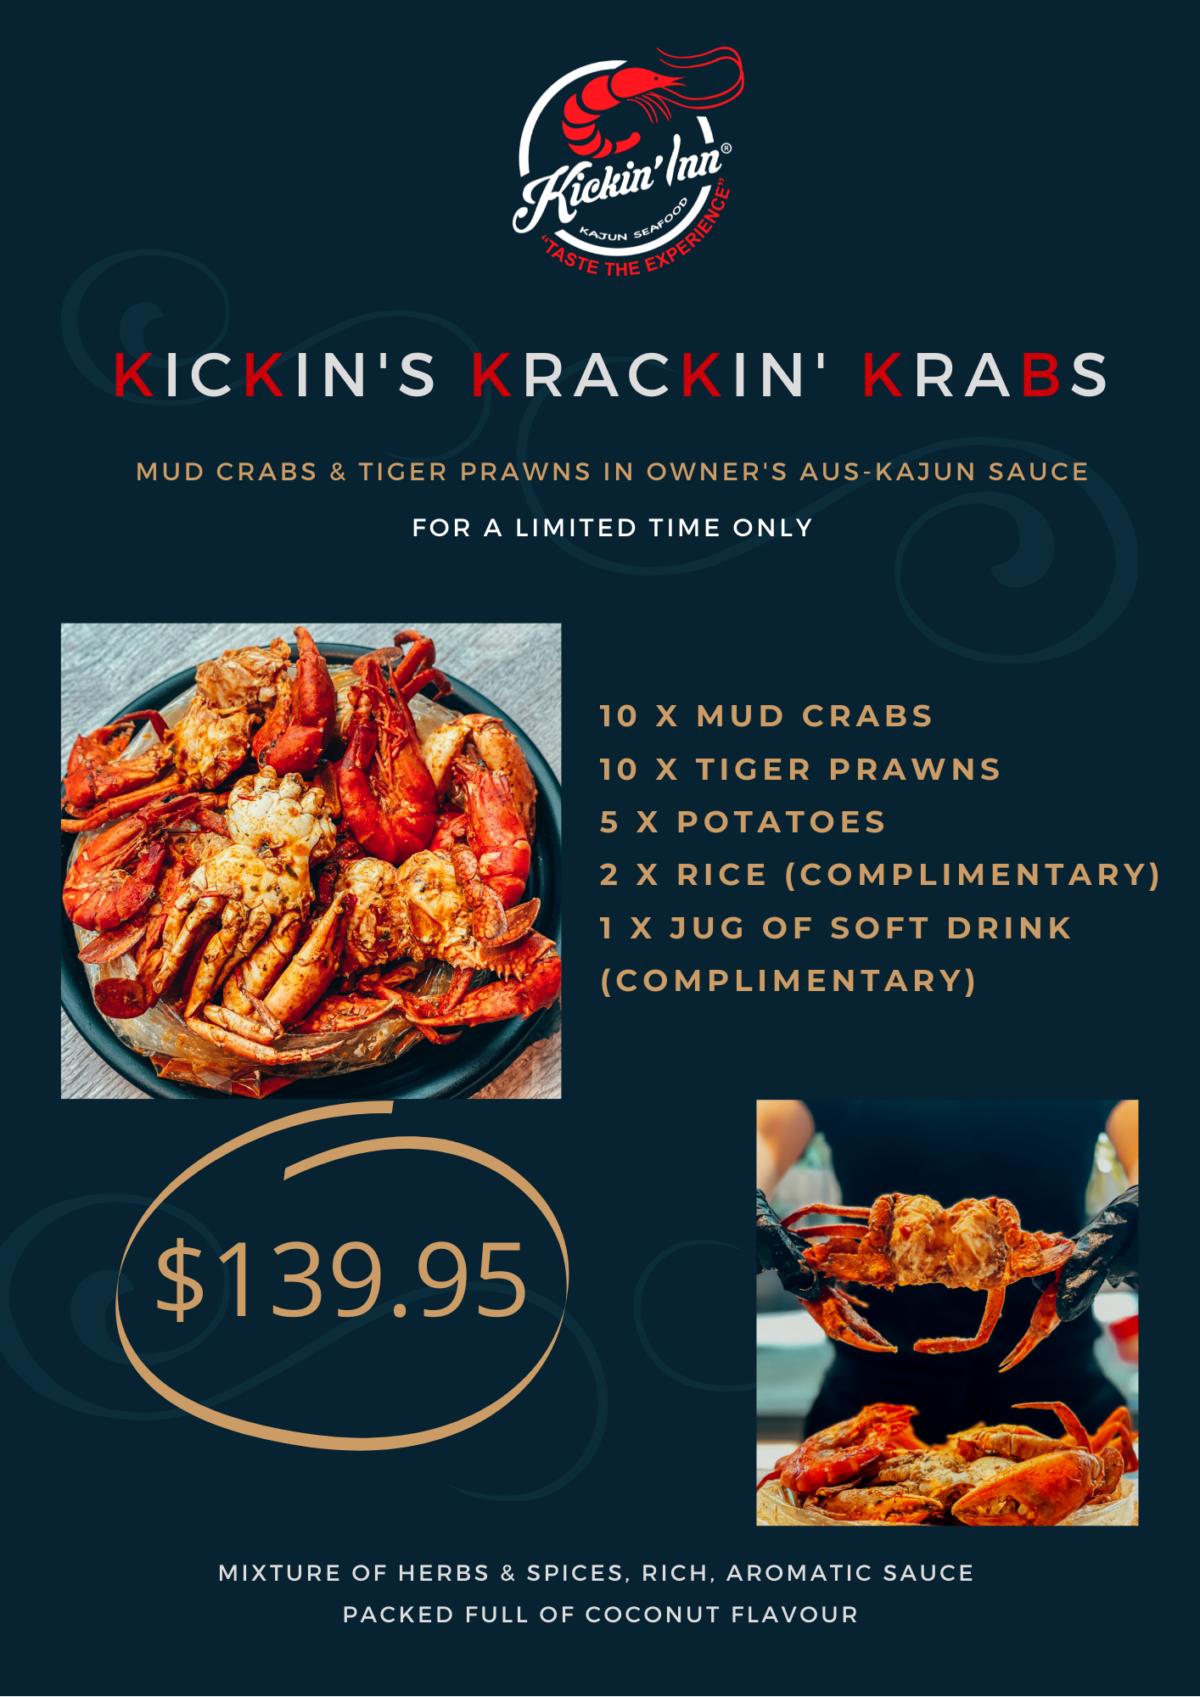 Kickin's Krackin' Krabs!